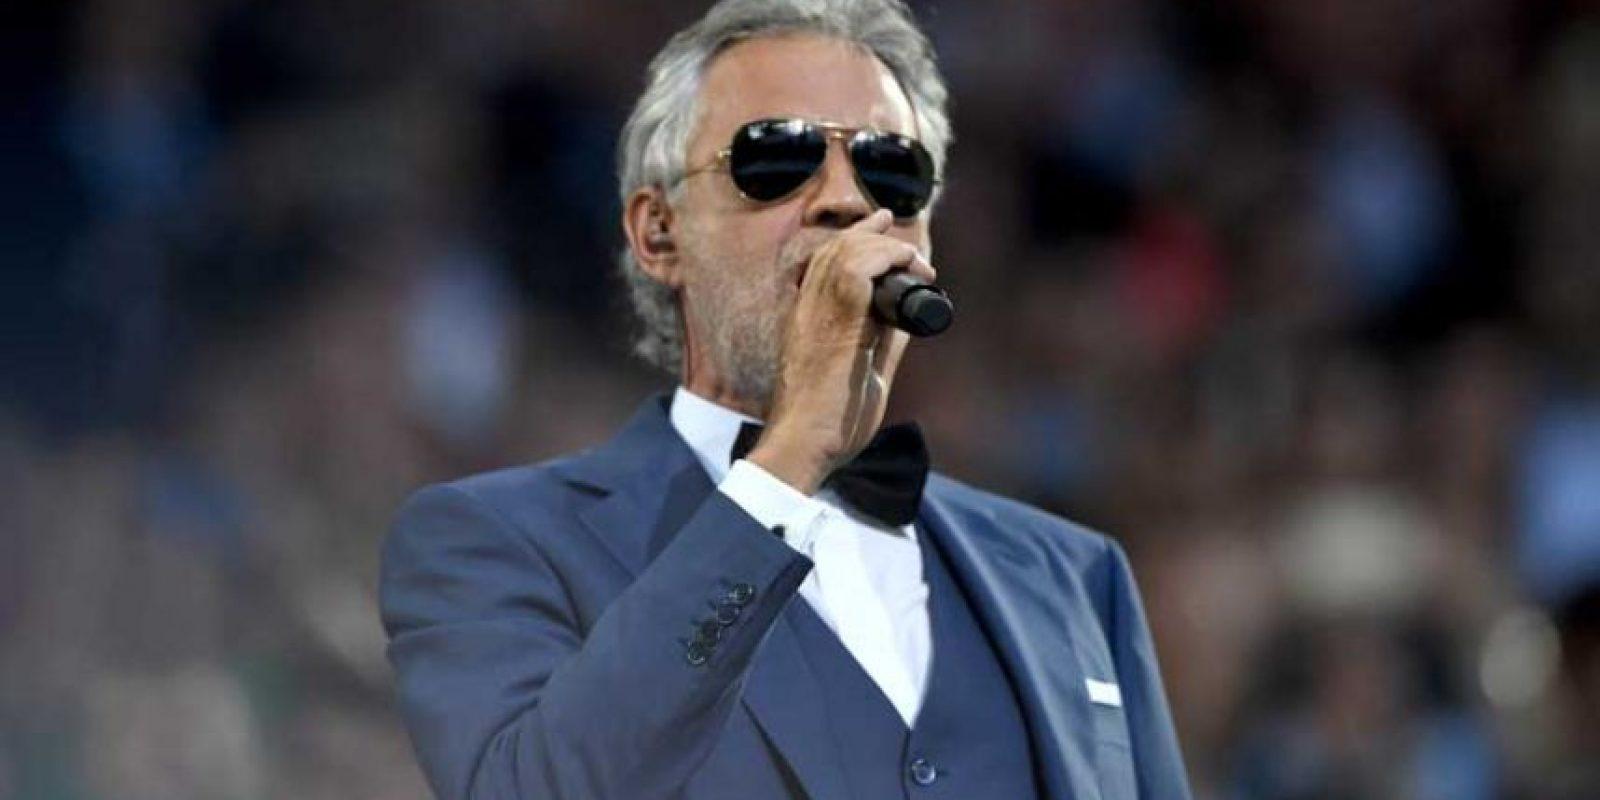 El tenor Andrea Bocelli hizo vibrar a los asistentes con su mágica voz. Foto:Getty Images. Imagen Por: